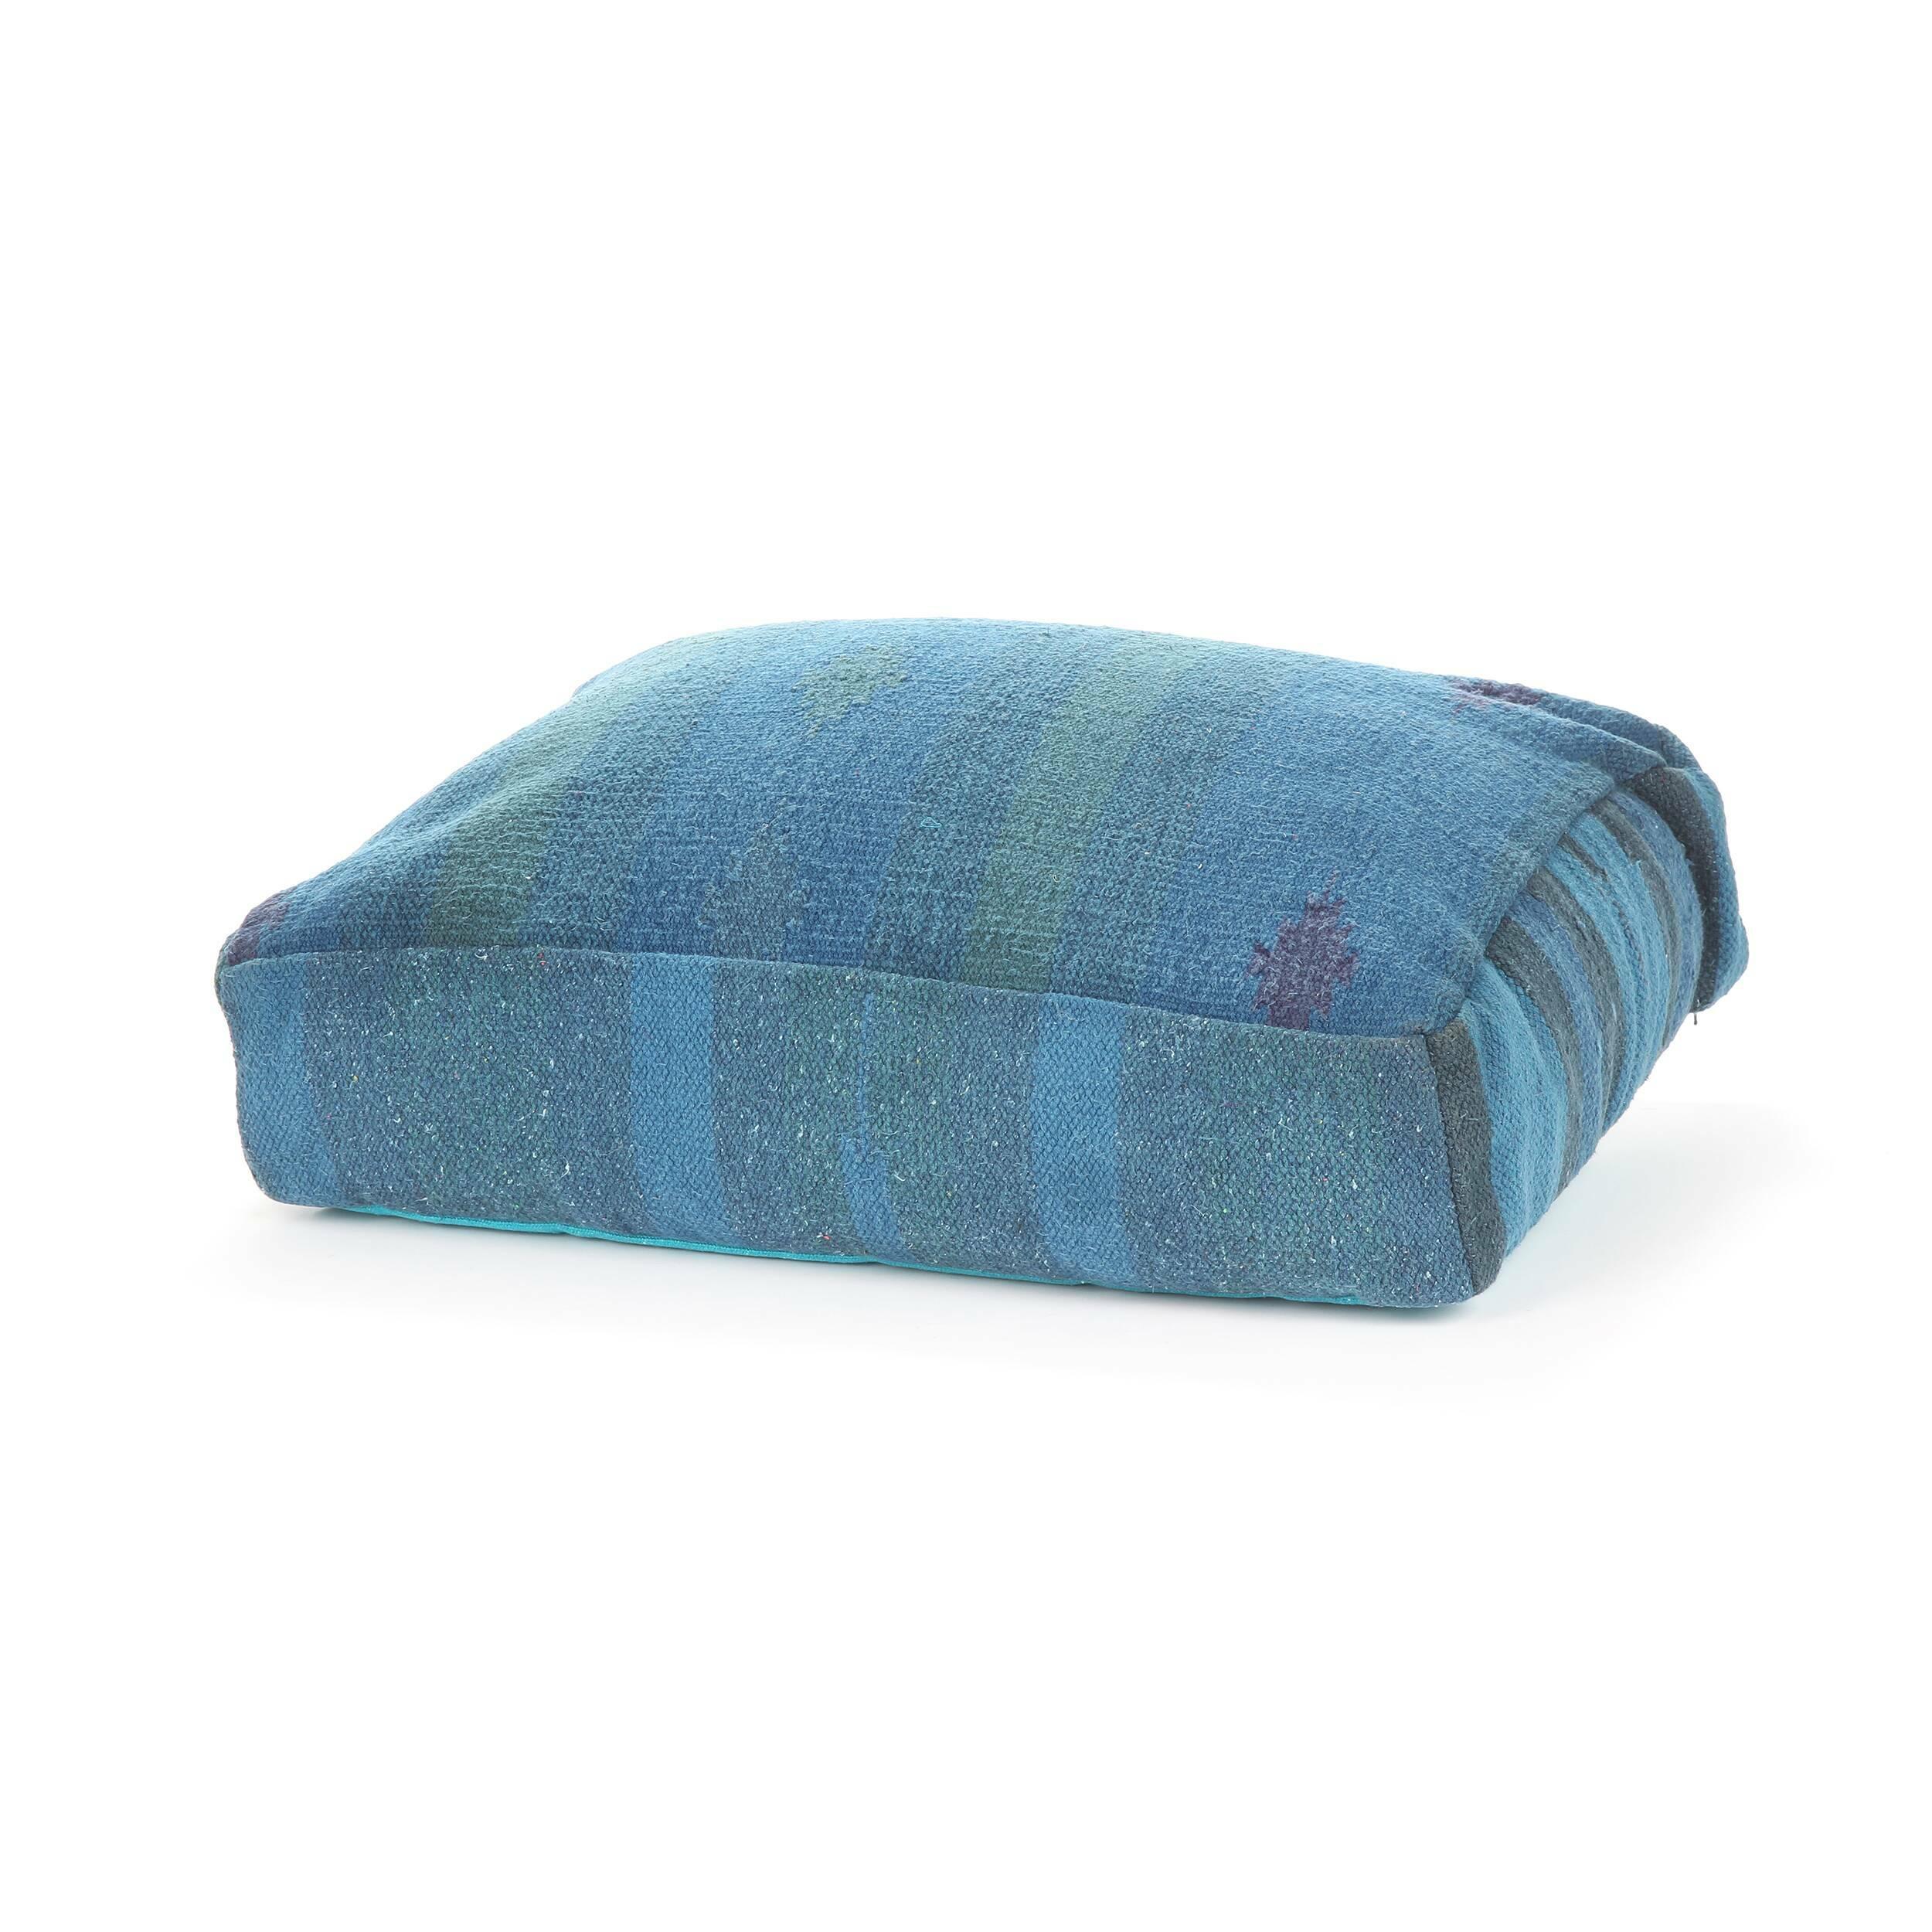 Подушка AnatoliaДекоративные подушки<br>Дизайнерская хлопковая подушка Anatolia (Анатолия) ручного производства от Cosmo (Космо).<br><br> Среди многообразия современных стилей порой так хочется найти тот, что будет созвучным с собственным характером, отражающим вашу индивидуальность и создающим в интерьере ощущение комфорта и естественности. Этим, вероятно, и объясняется популярность этнического стиля в оформлении интерьера.<br><br><br> С помощью декоративной подушки Anatolia легко создать уютную атмосферу экзотической страны. Оригинальная...<br><br>stock: 11<br>Высота: 15<br>Ширина: 45<br>Материал: Хлопок<br>Цвет: Голубой<br>Длина: 60<br>Тип производства: Ручное производство